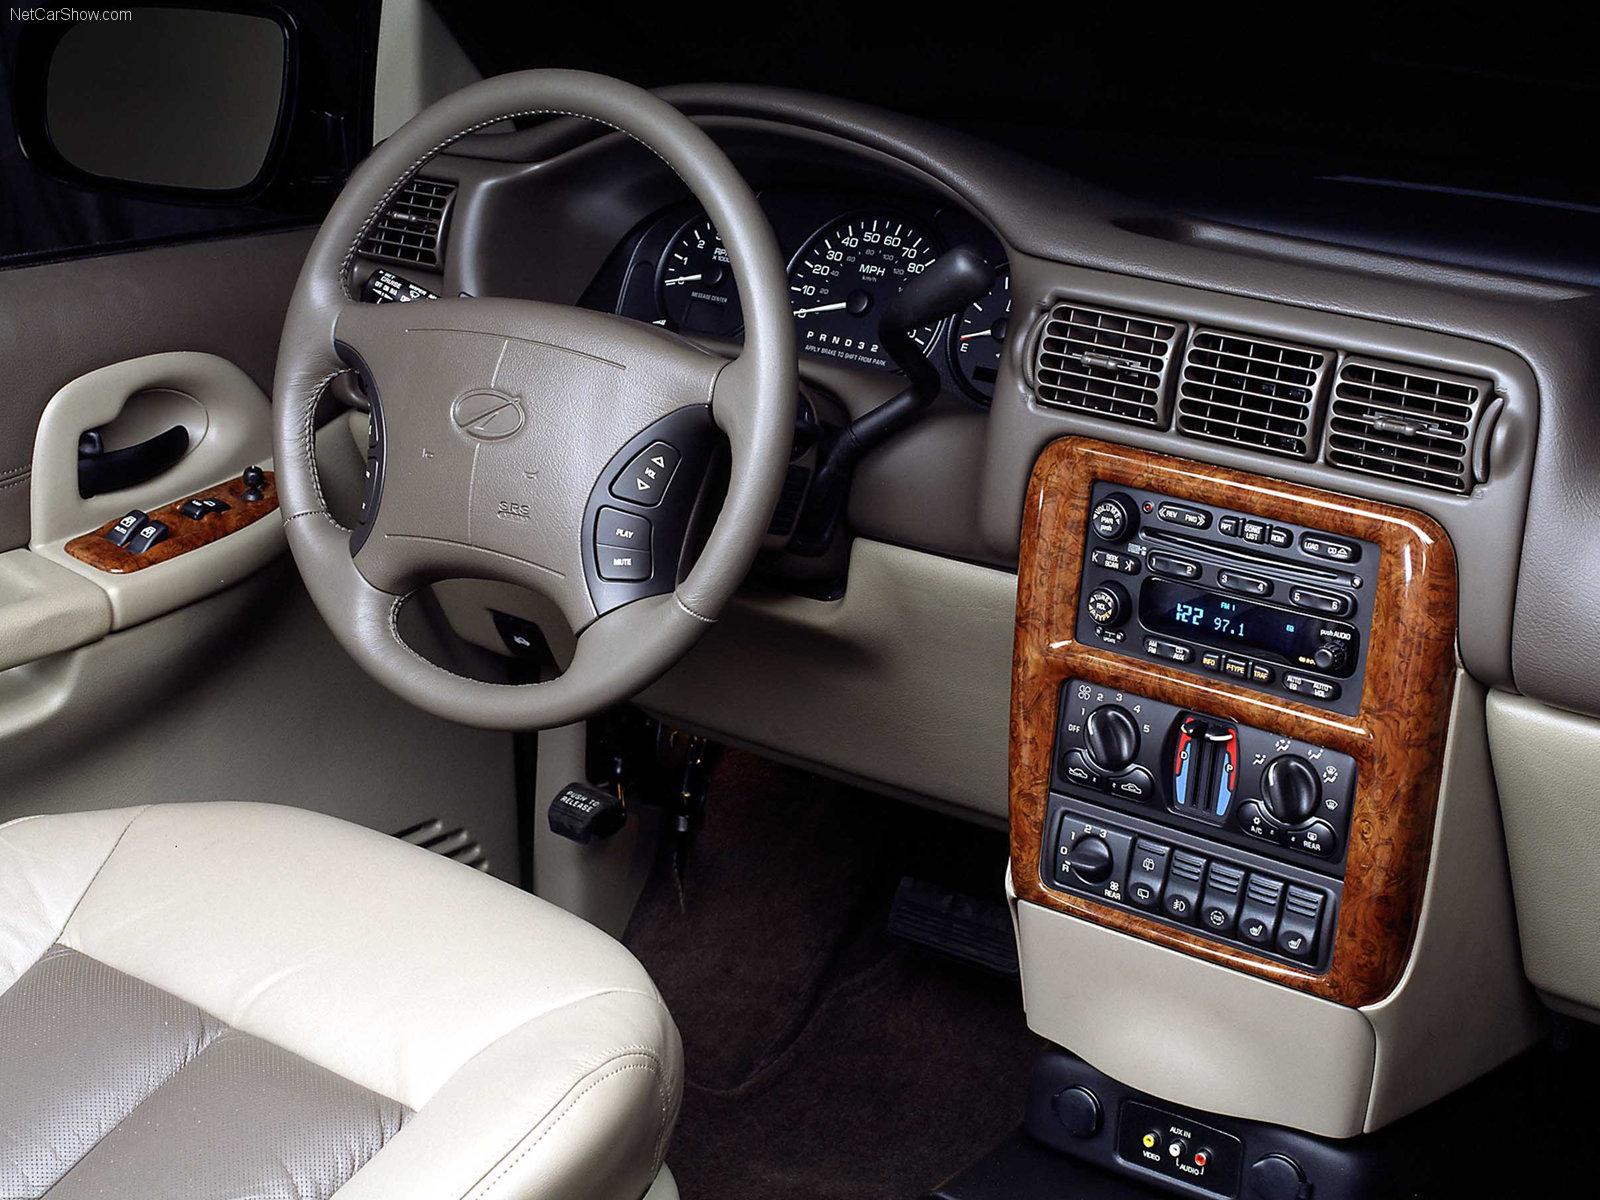 Hình ảnh xe ô tô Oldsmobile Silhouette 2000 & nội ngoại thất